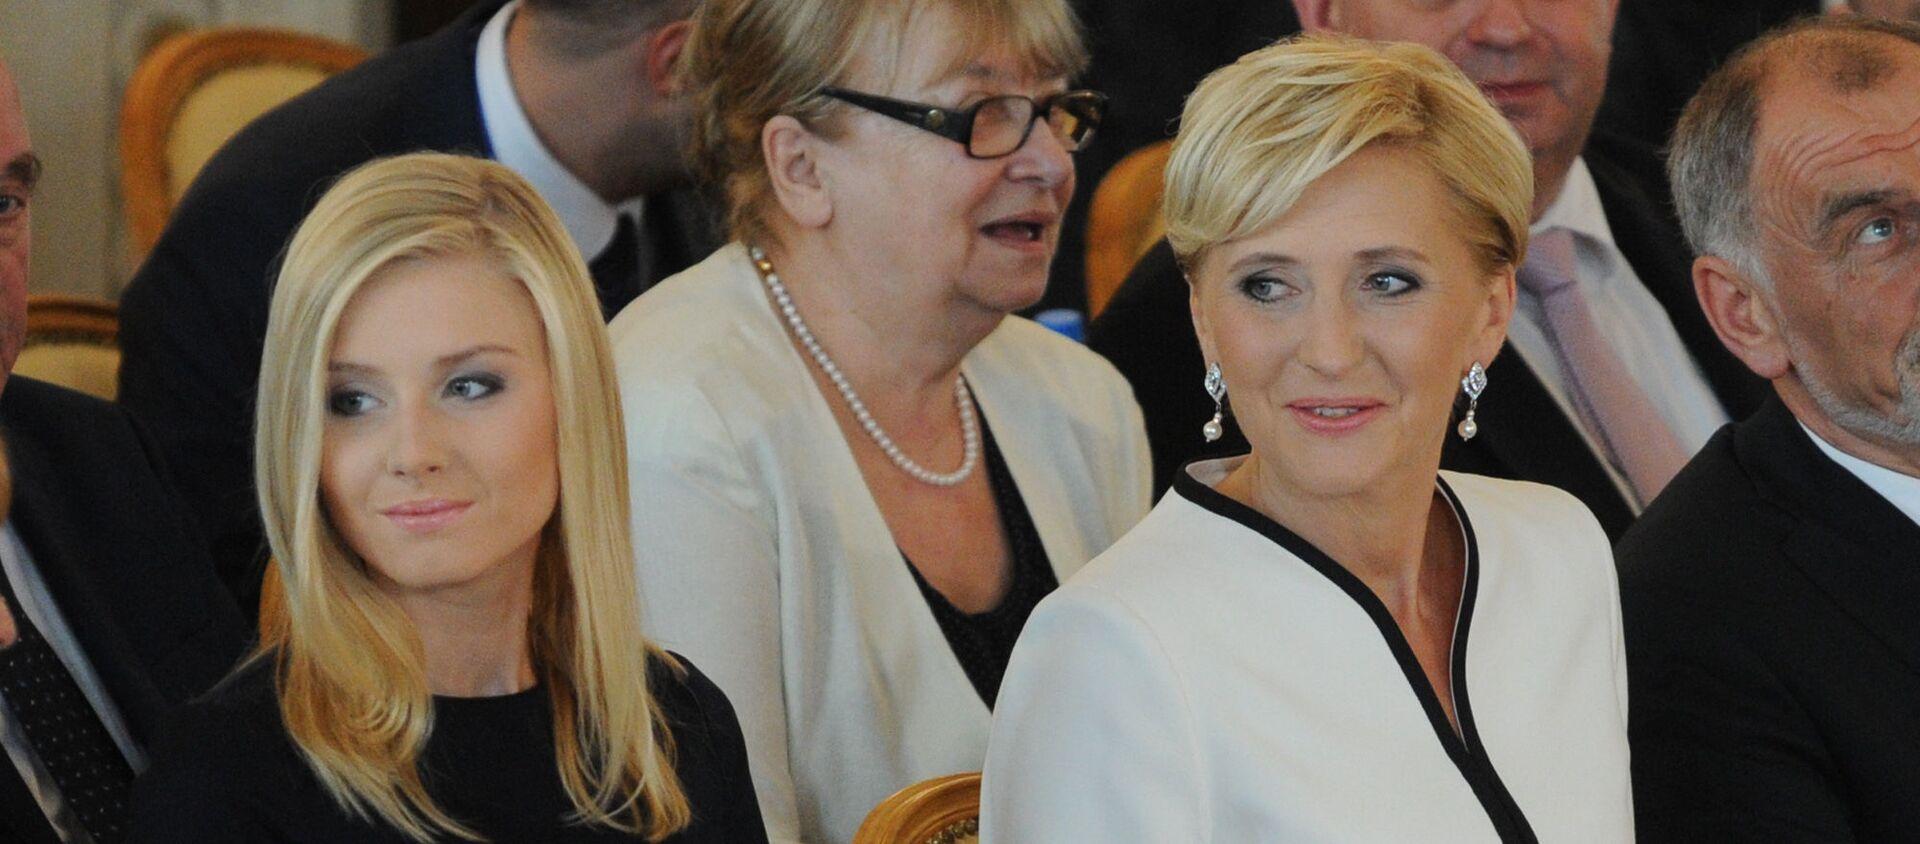 Pierwsza dama Polski Agata Kornhauser-Duda z córką Kingą Dudą na ceremonii inauguracji - Sputnik Polska, 1920, 14.01.2021